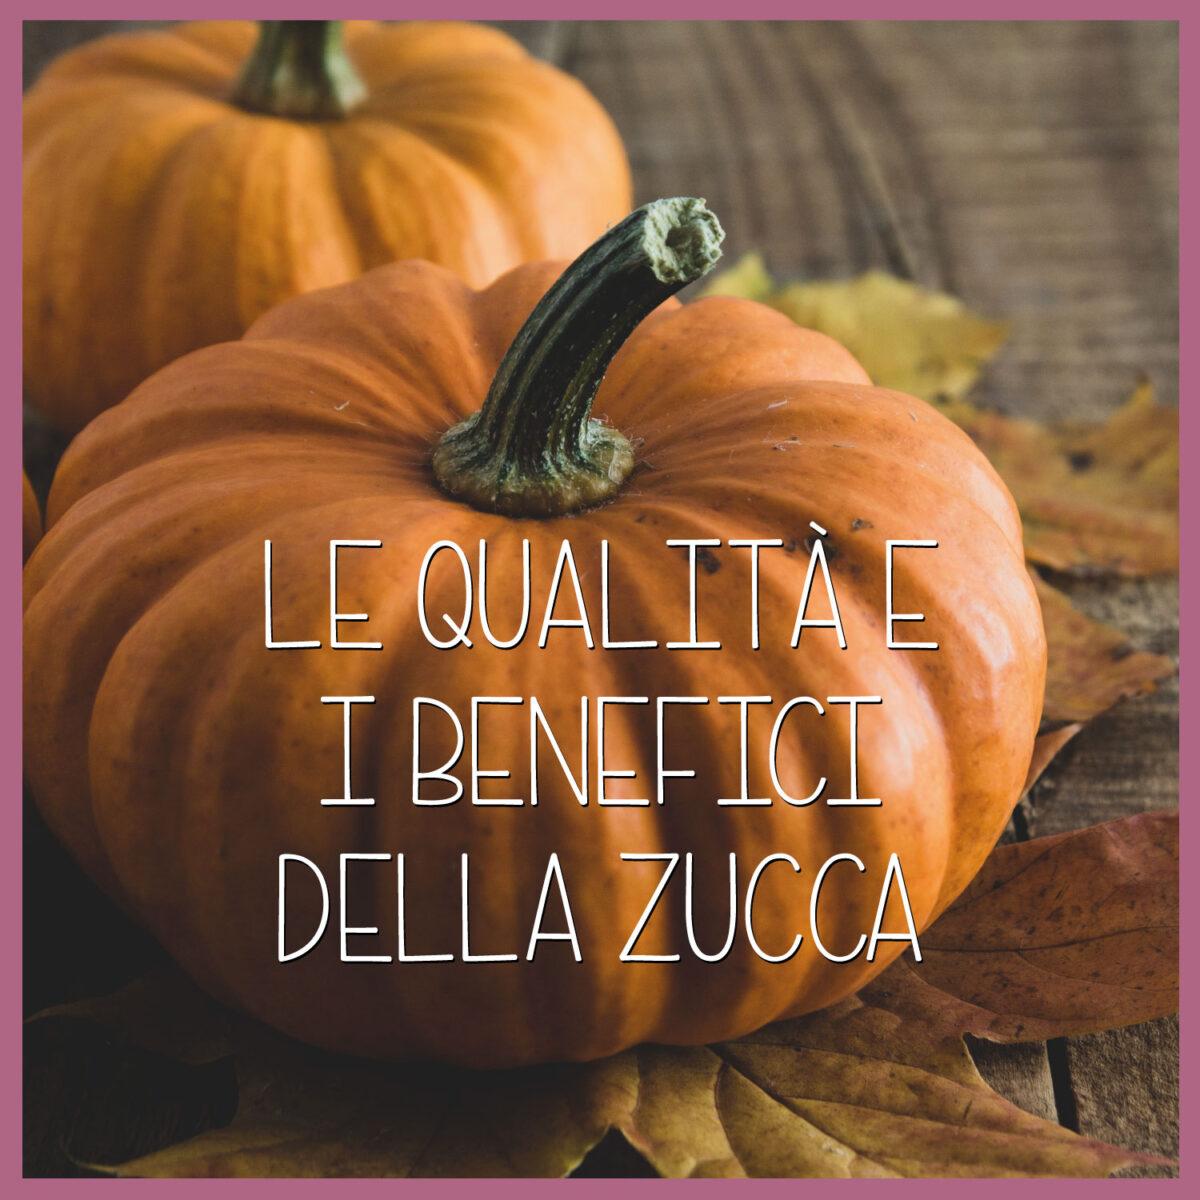 Le-qualità-e-i-benefici-della-zucca-1200x1200.jpg